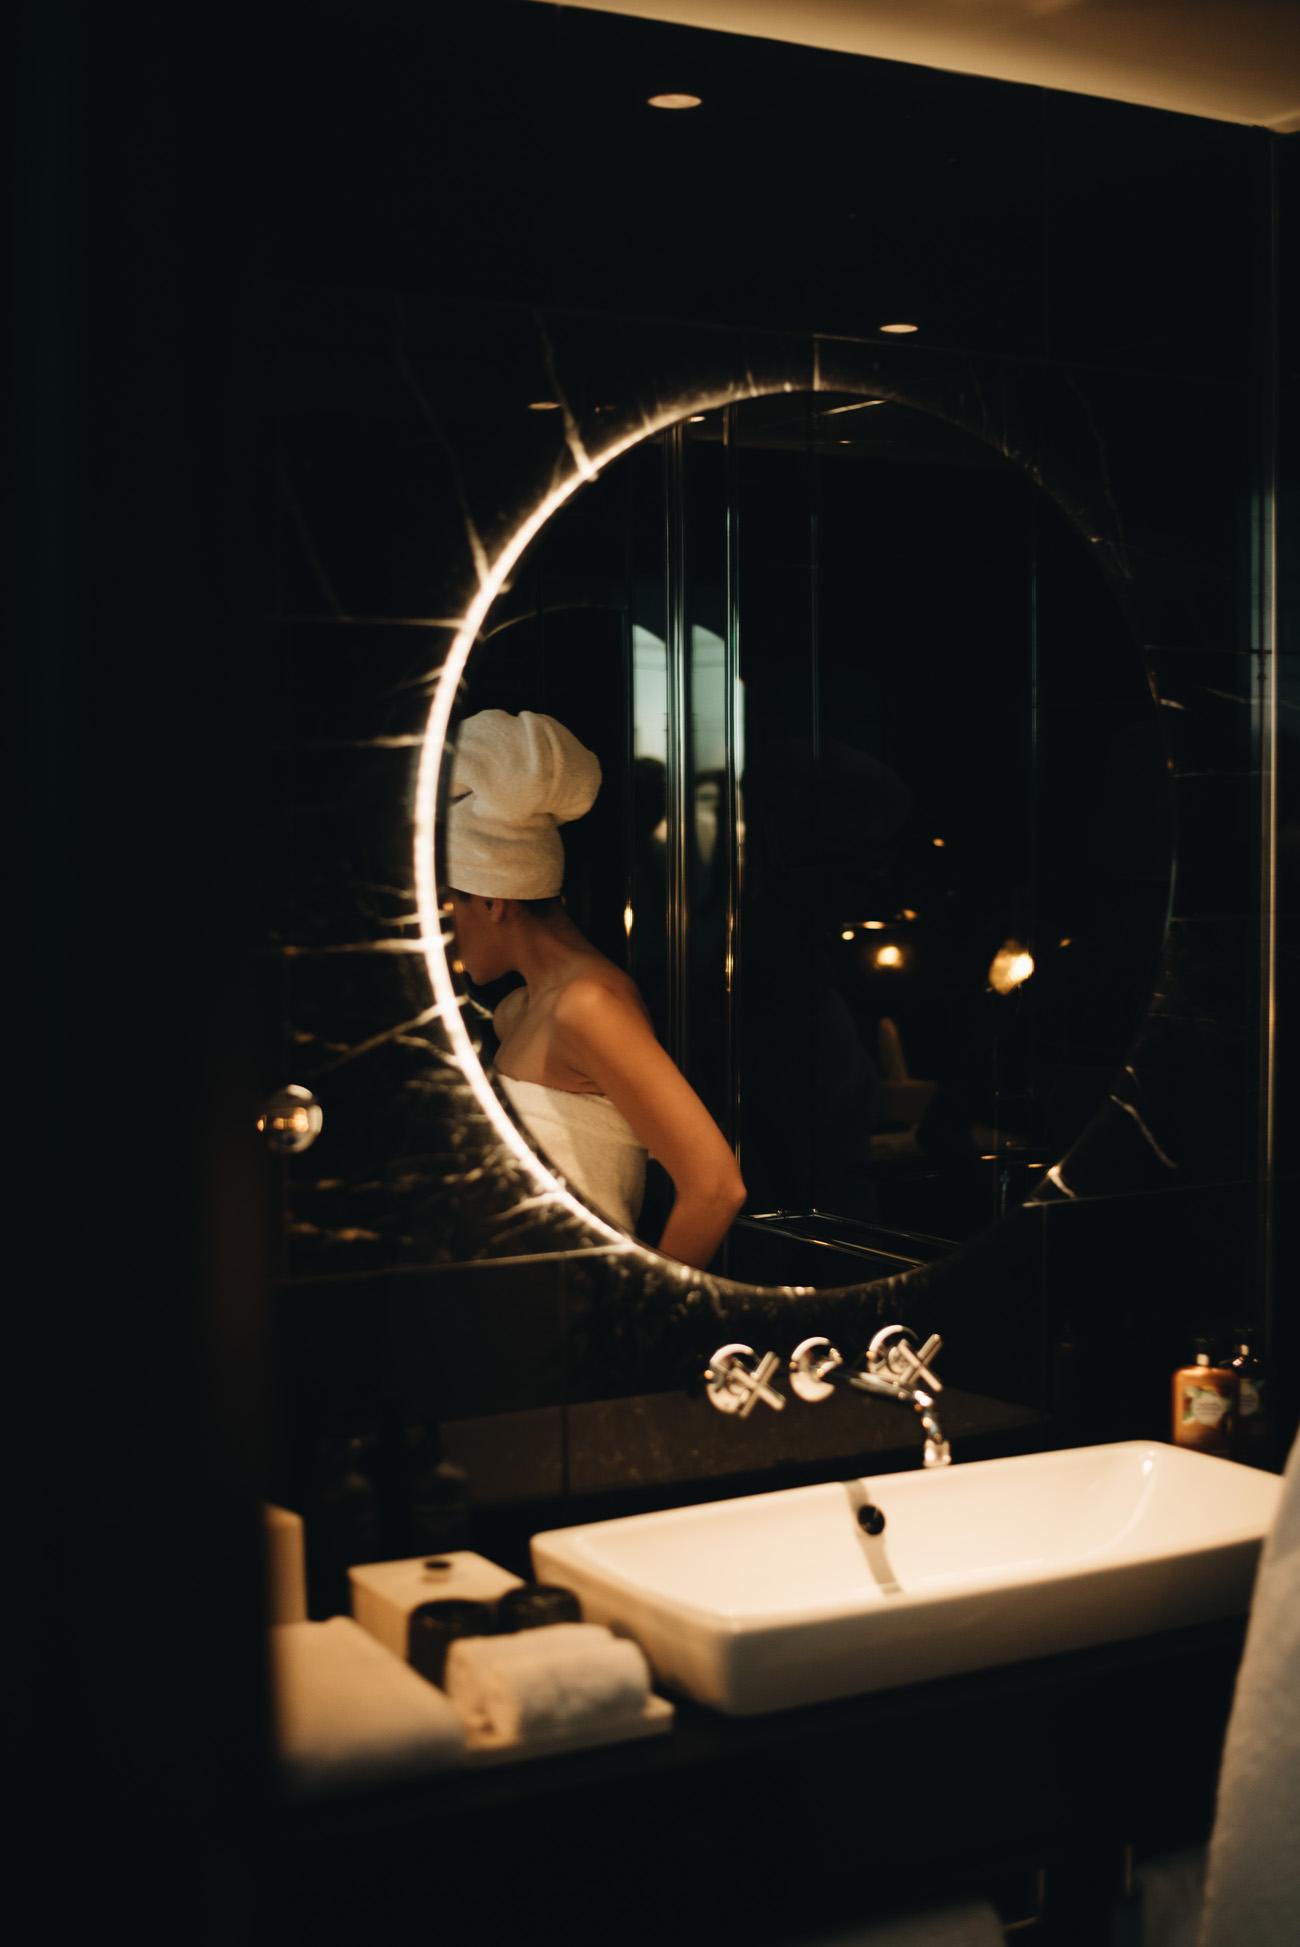 Die-richtige-Haarpflege-im-Winter-Tipps-Trick-Fehler-Haarpflege-Kälte-beauty-bloggerin-nina-schwichtenberg-fashiioncarpet